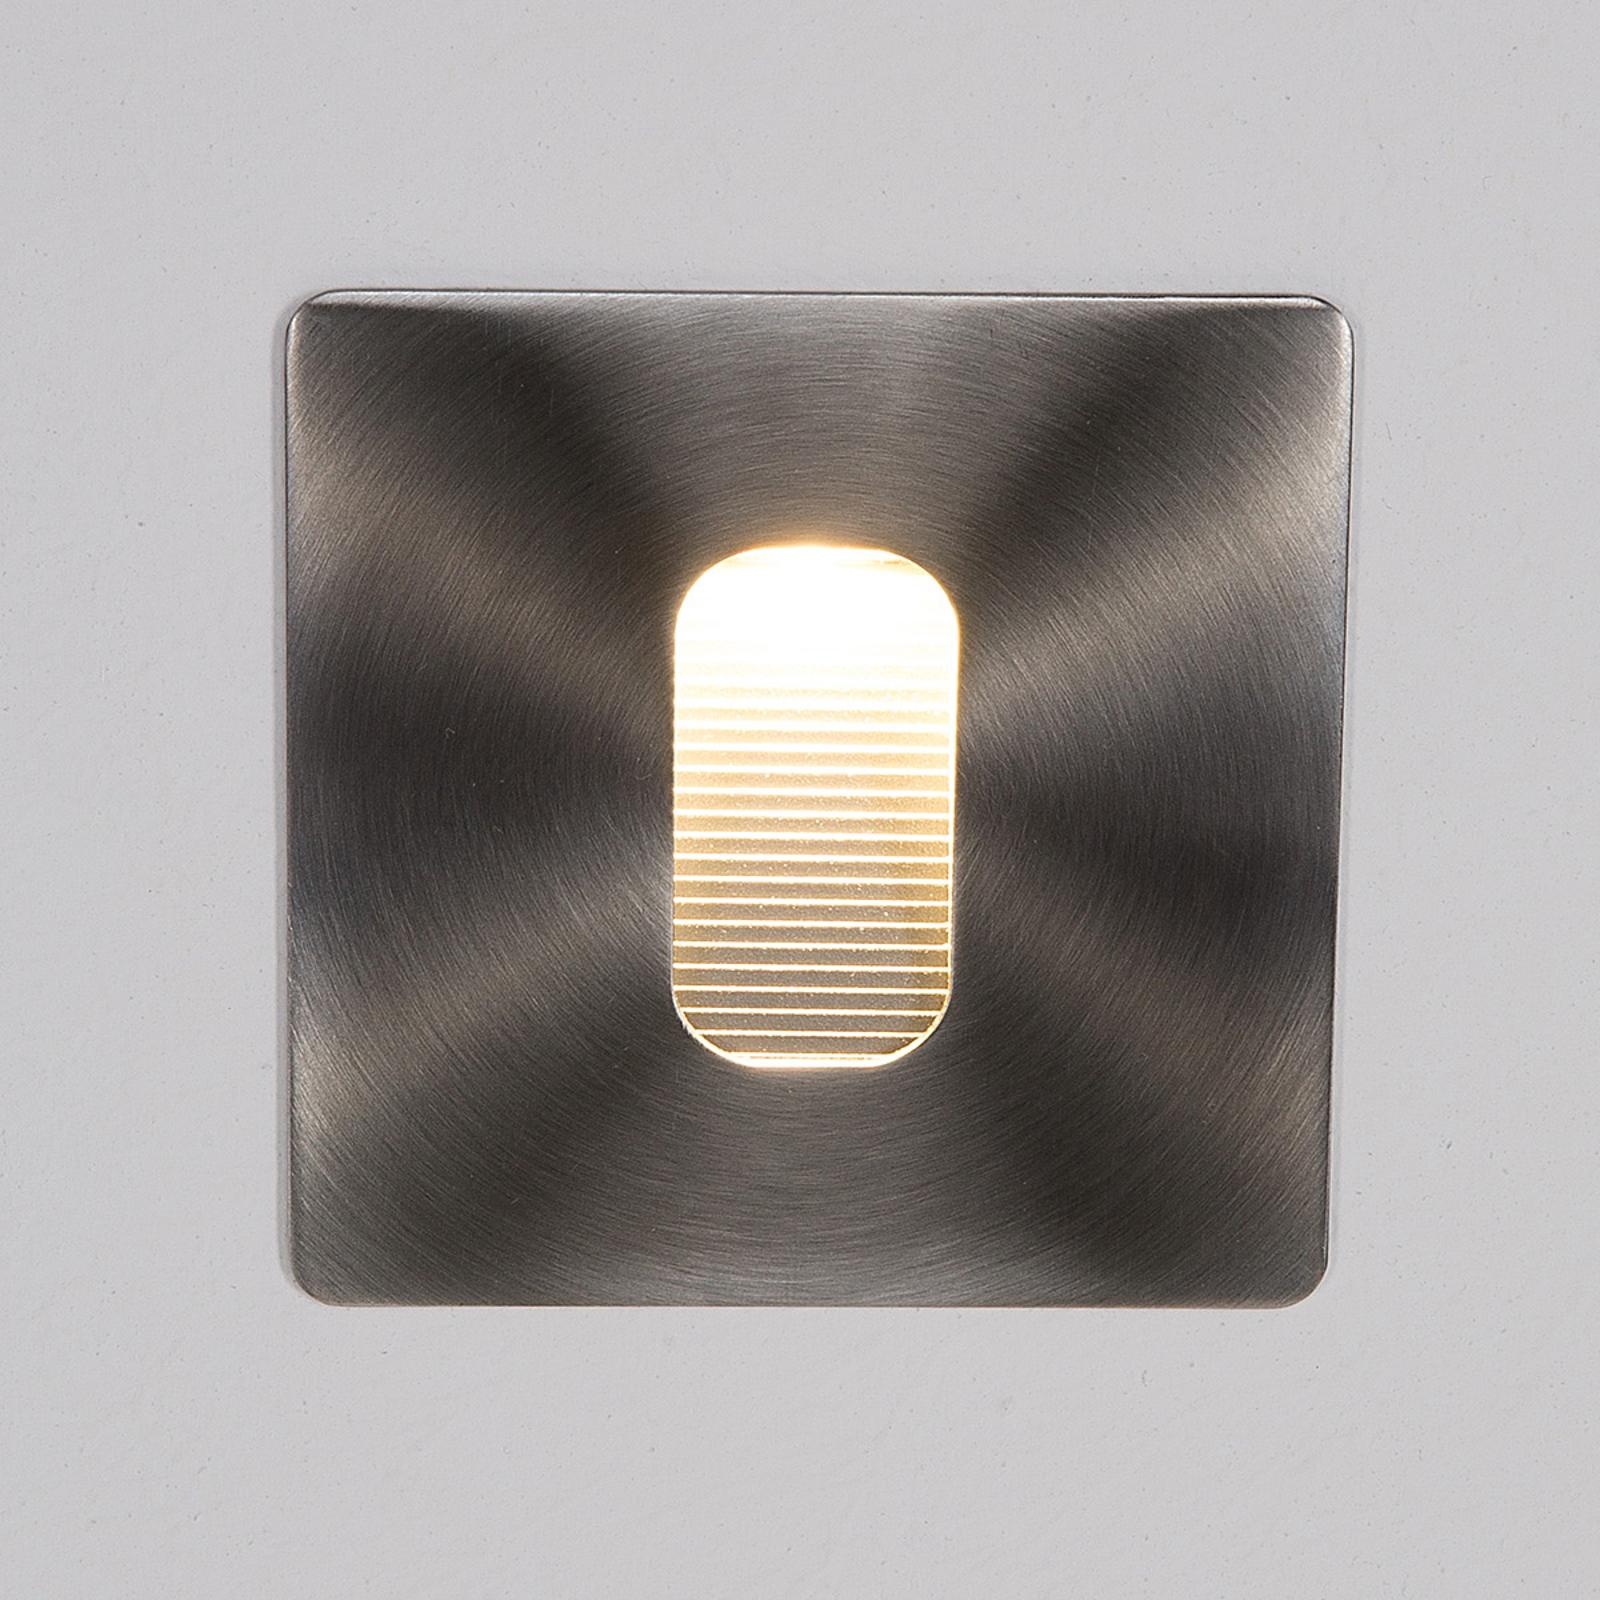 Kantet vegginnbyggingslampe Telke med LED, IP65